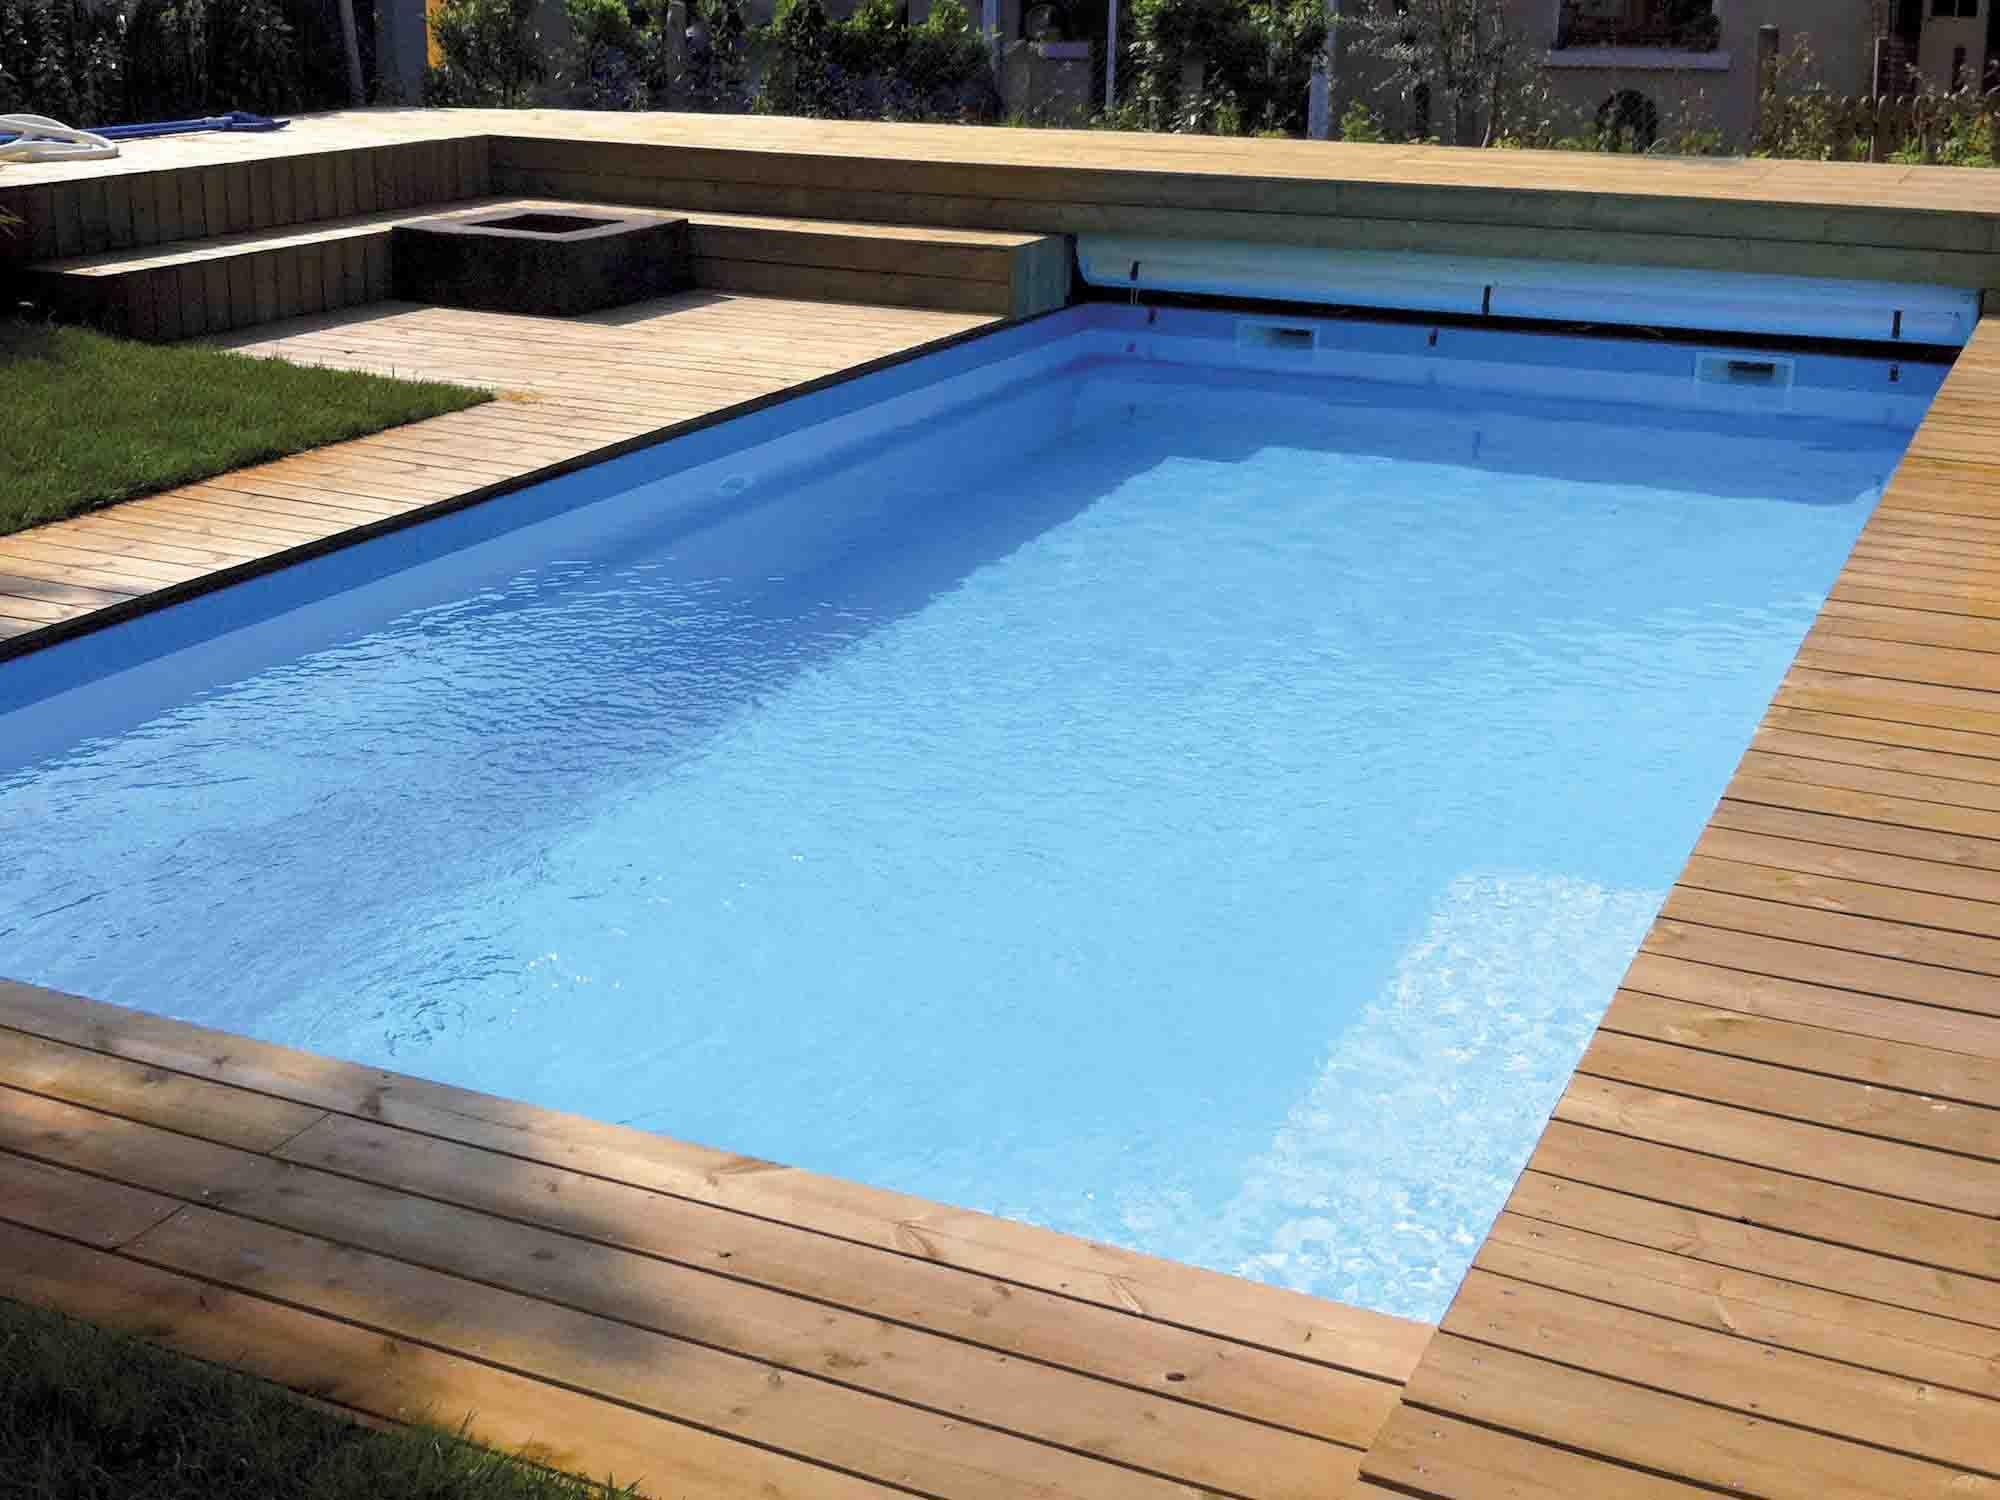 Prix piscine tout compris id es d coration id es - Prix d une piscine enterree tout compris ...